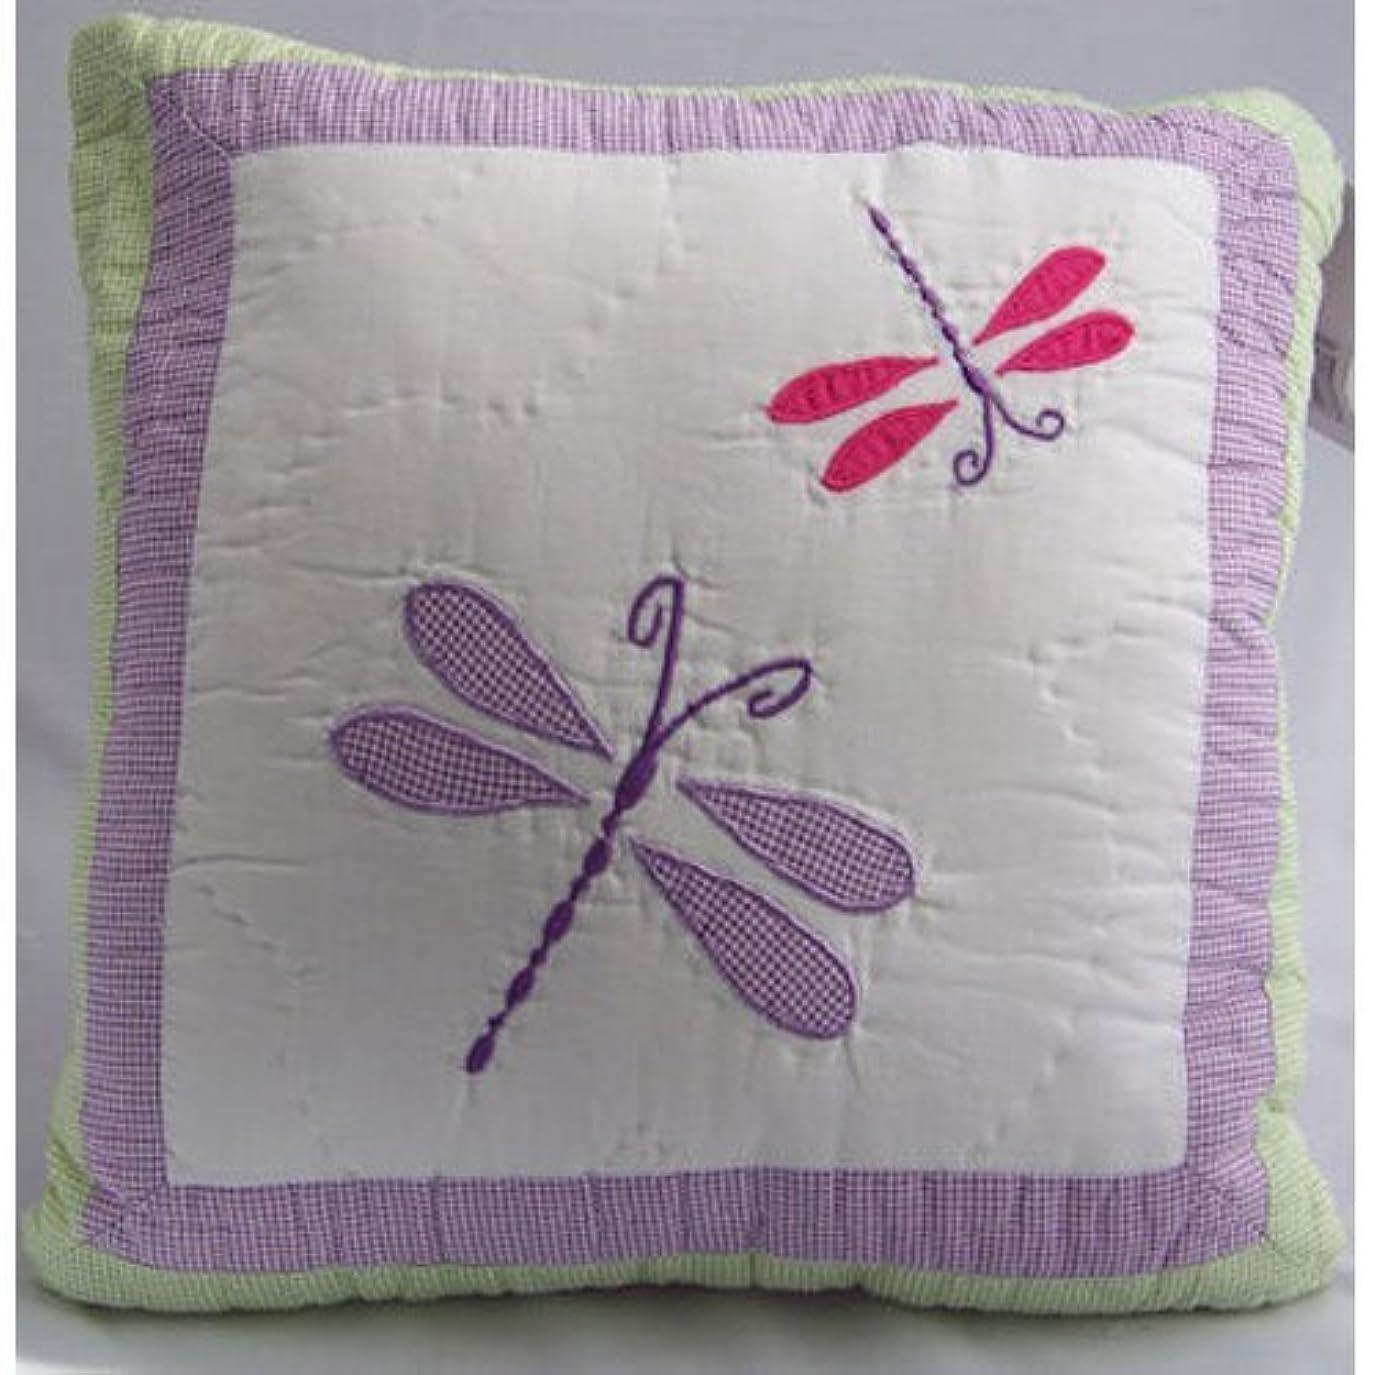 工場病ホイットニーPolyester Filled Pillow by Pem America [並行輸入品]